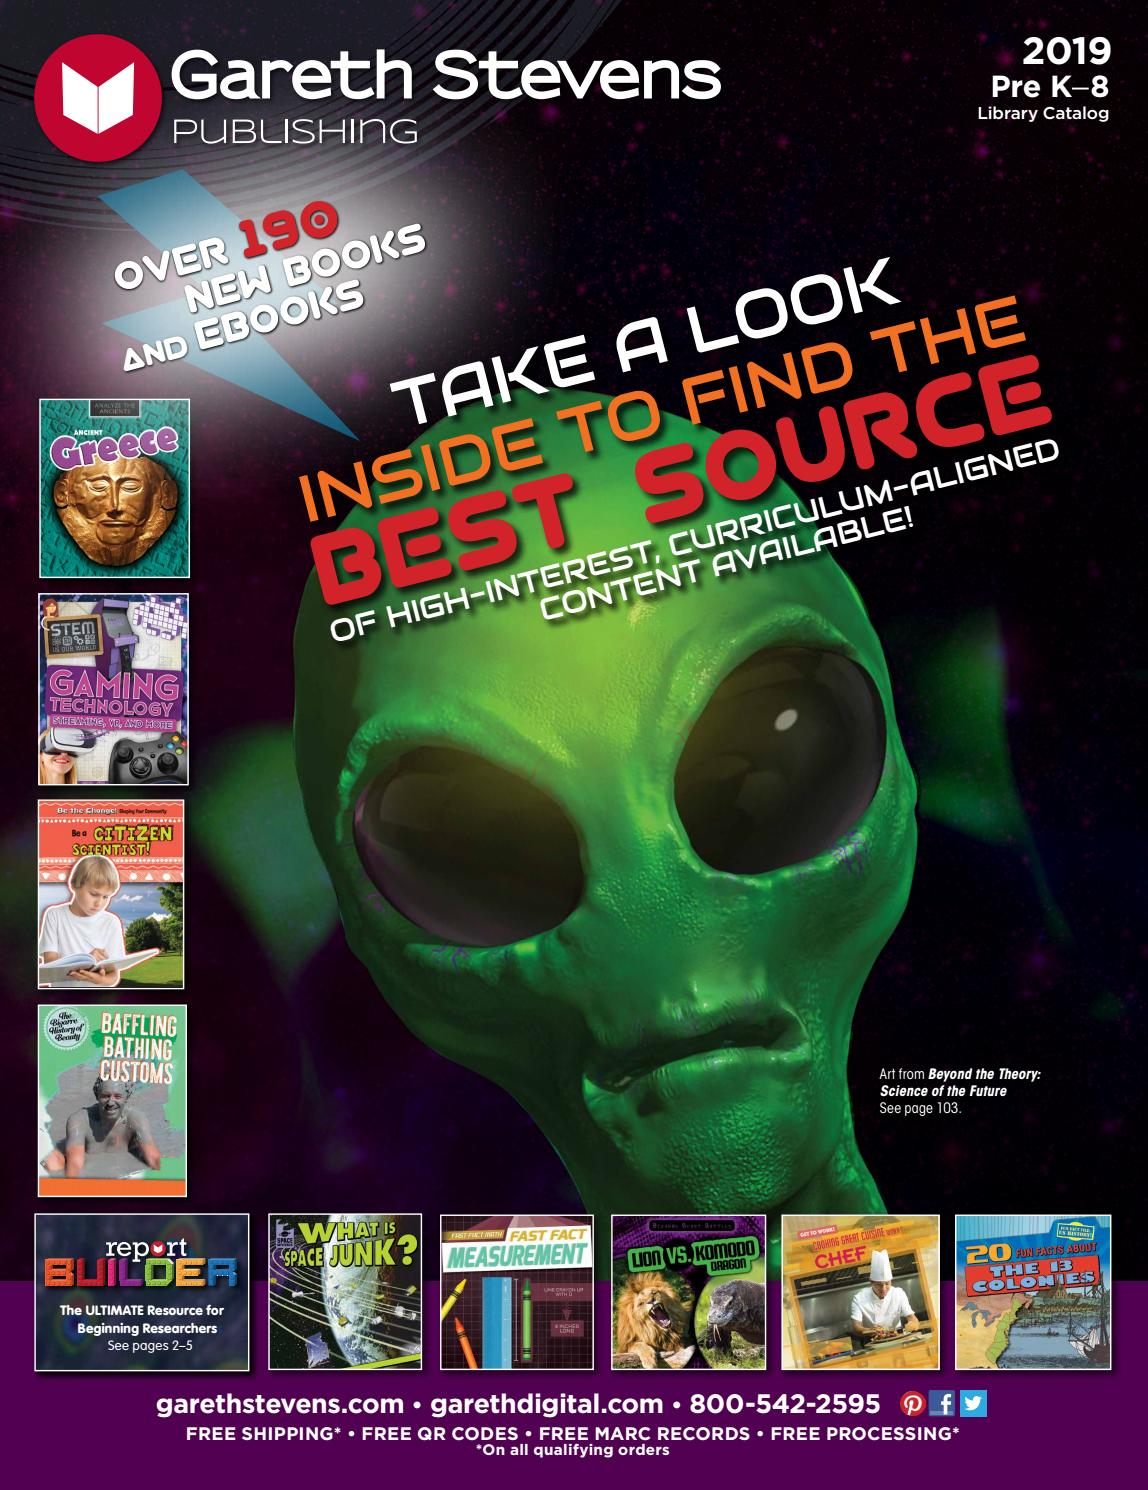 Gareth Stevens Full 2019 Catalog by Gareth Stevens - issuu